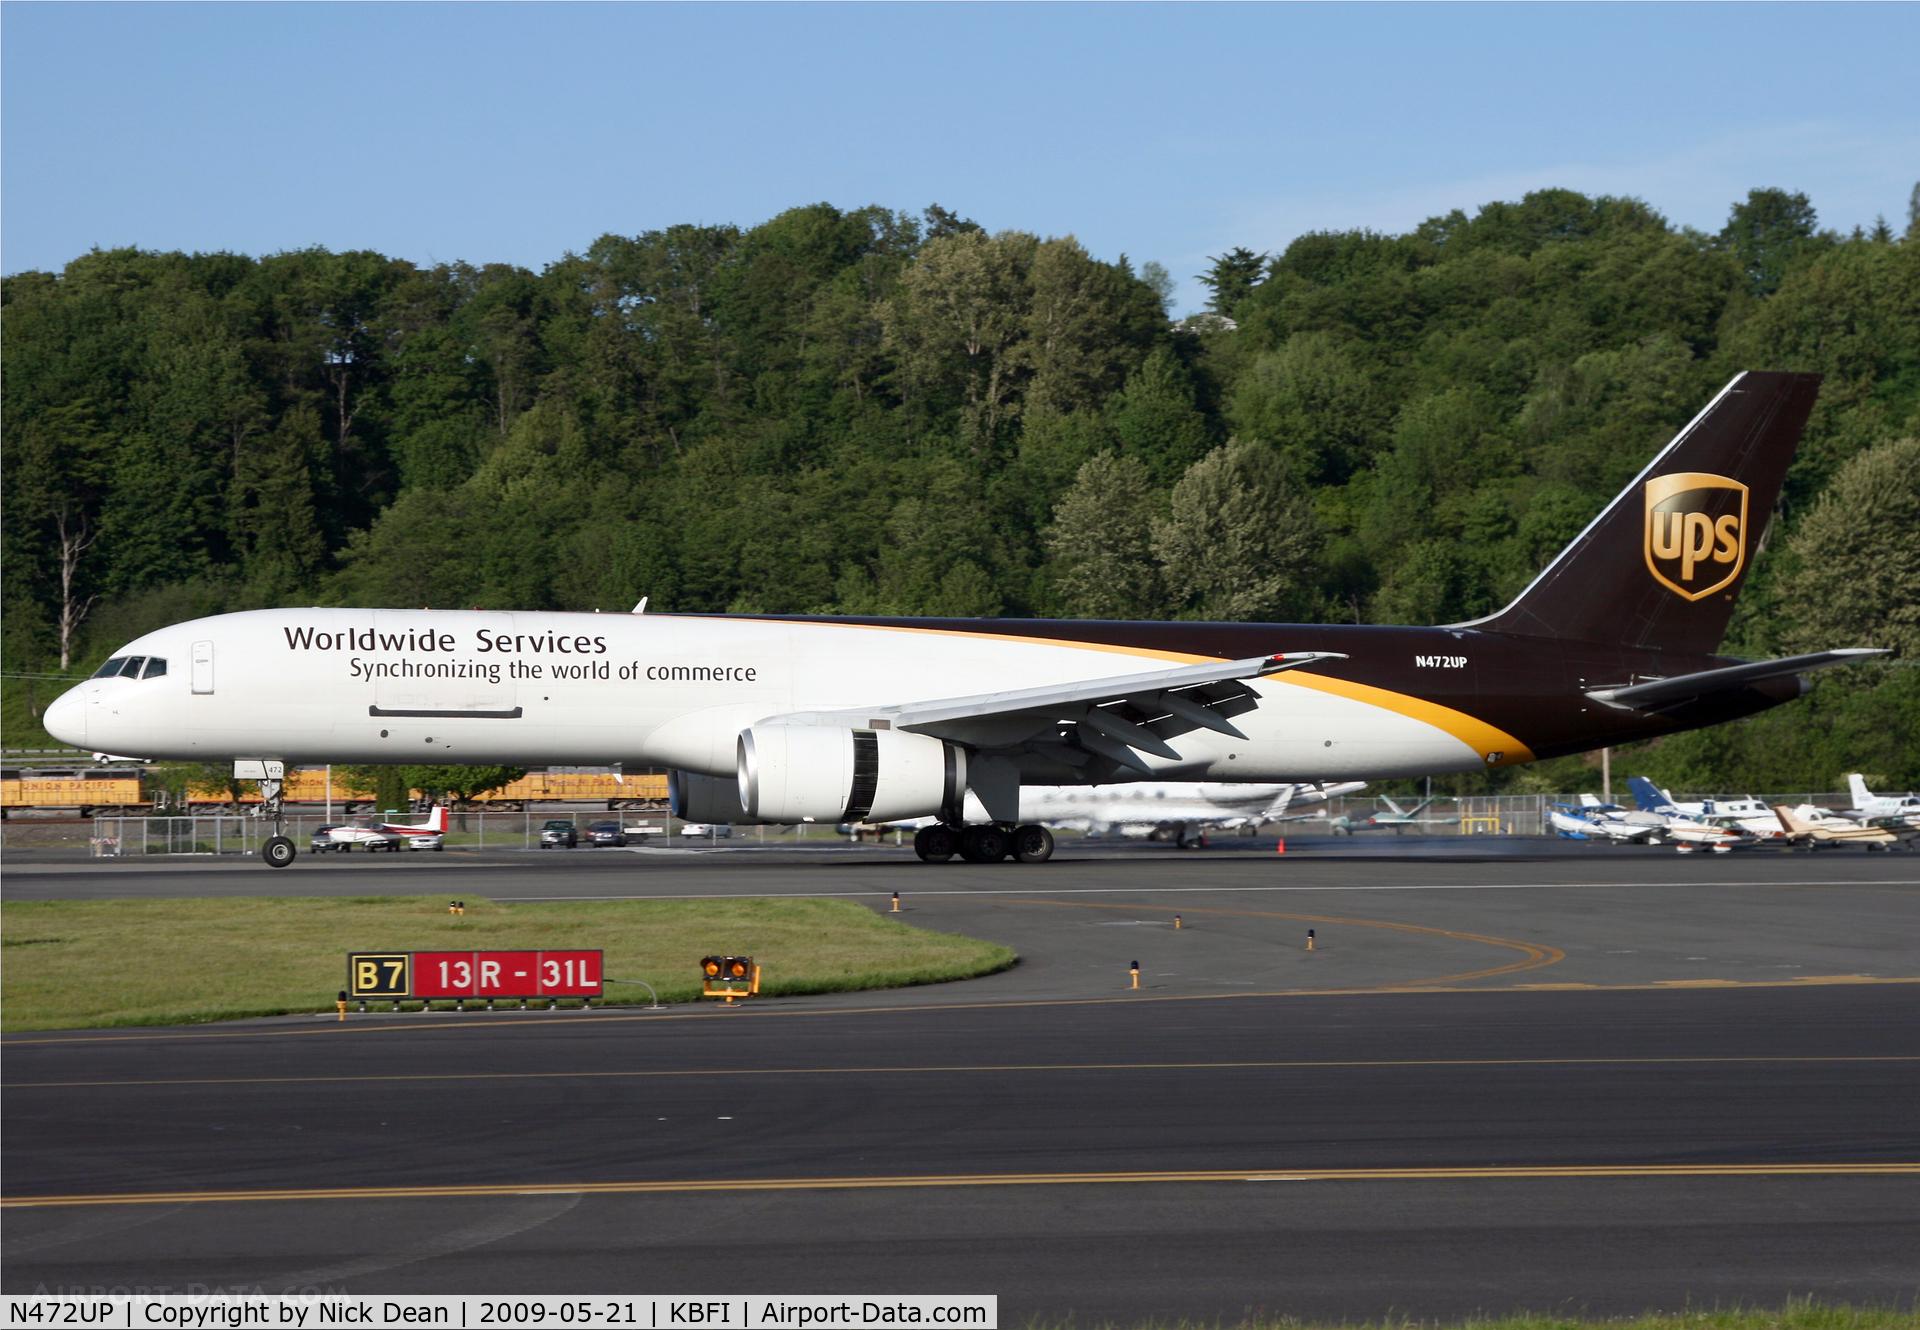 N472UP, 1998 Boeing 757-24APF C/N 28843, KBFI